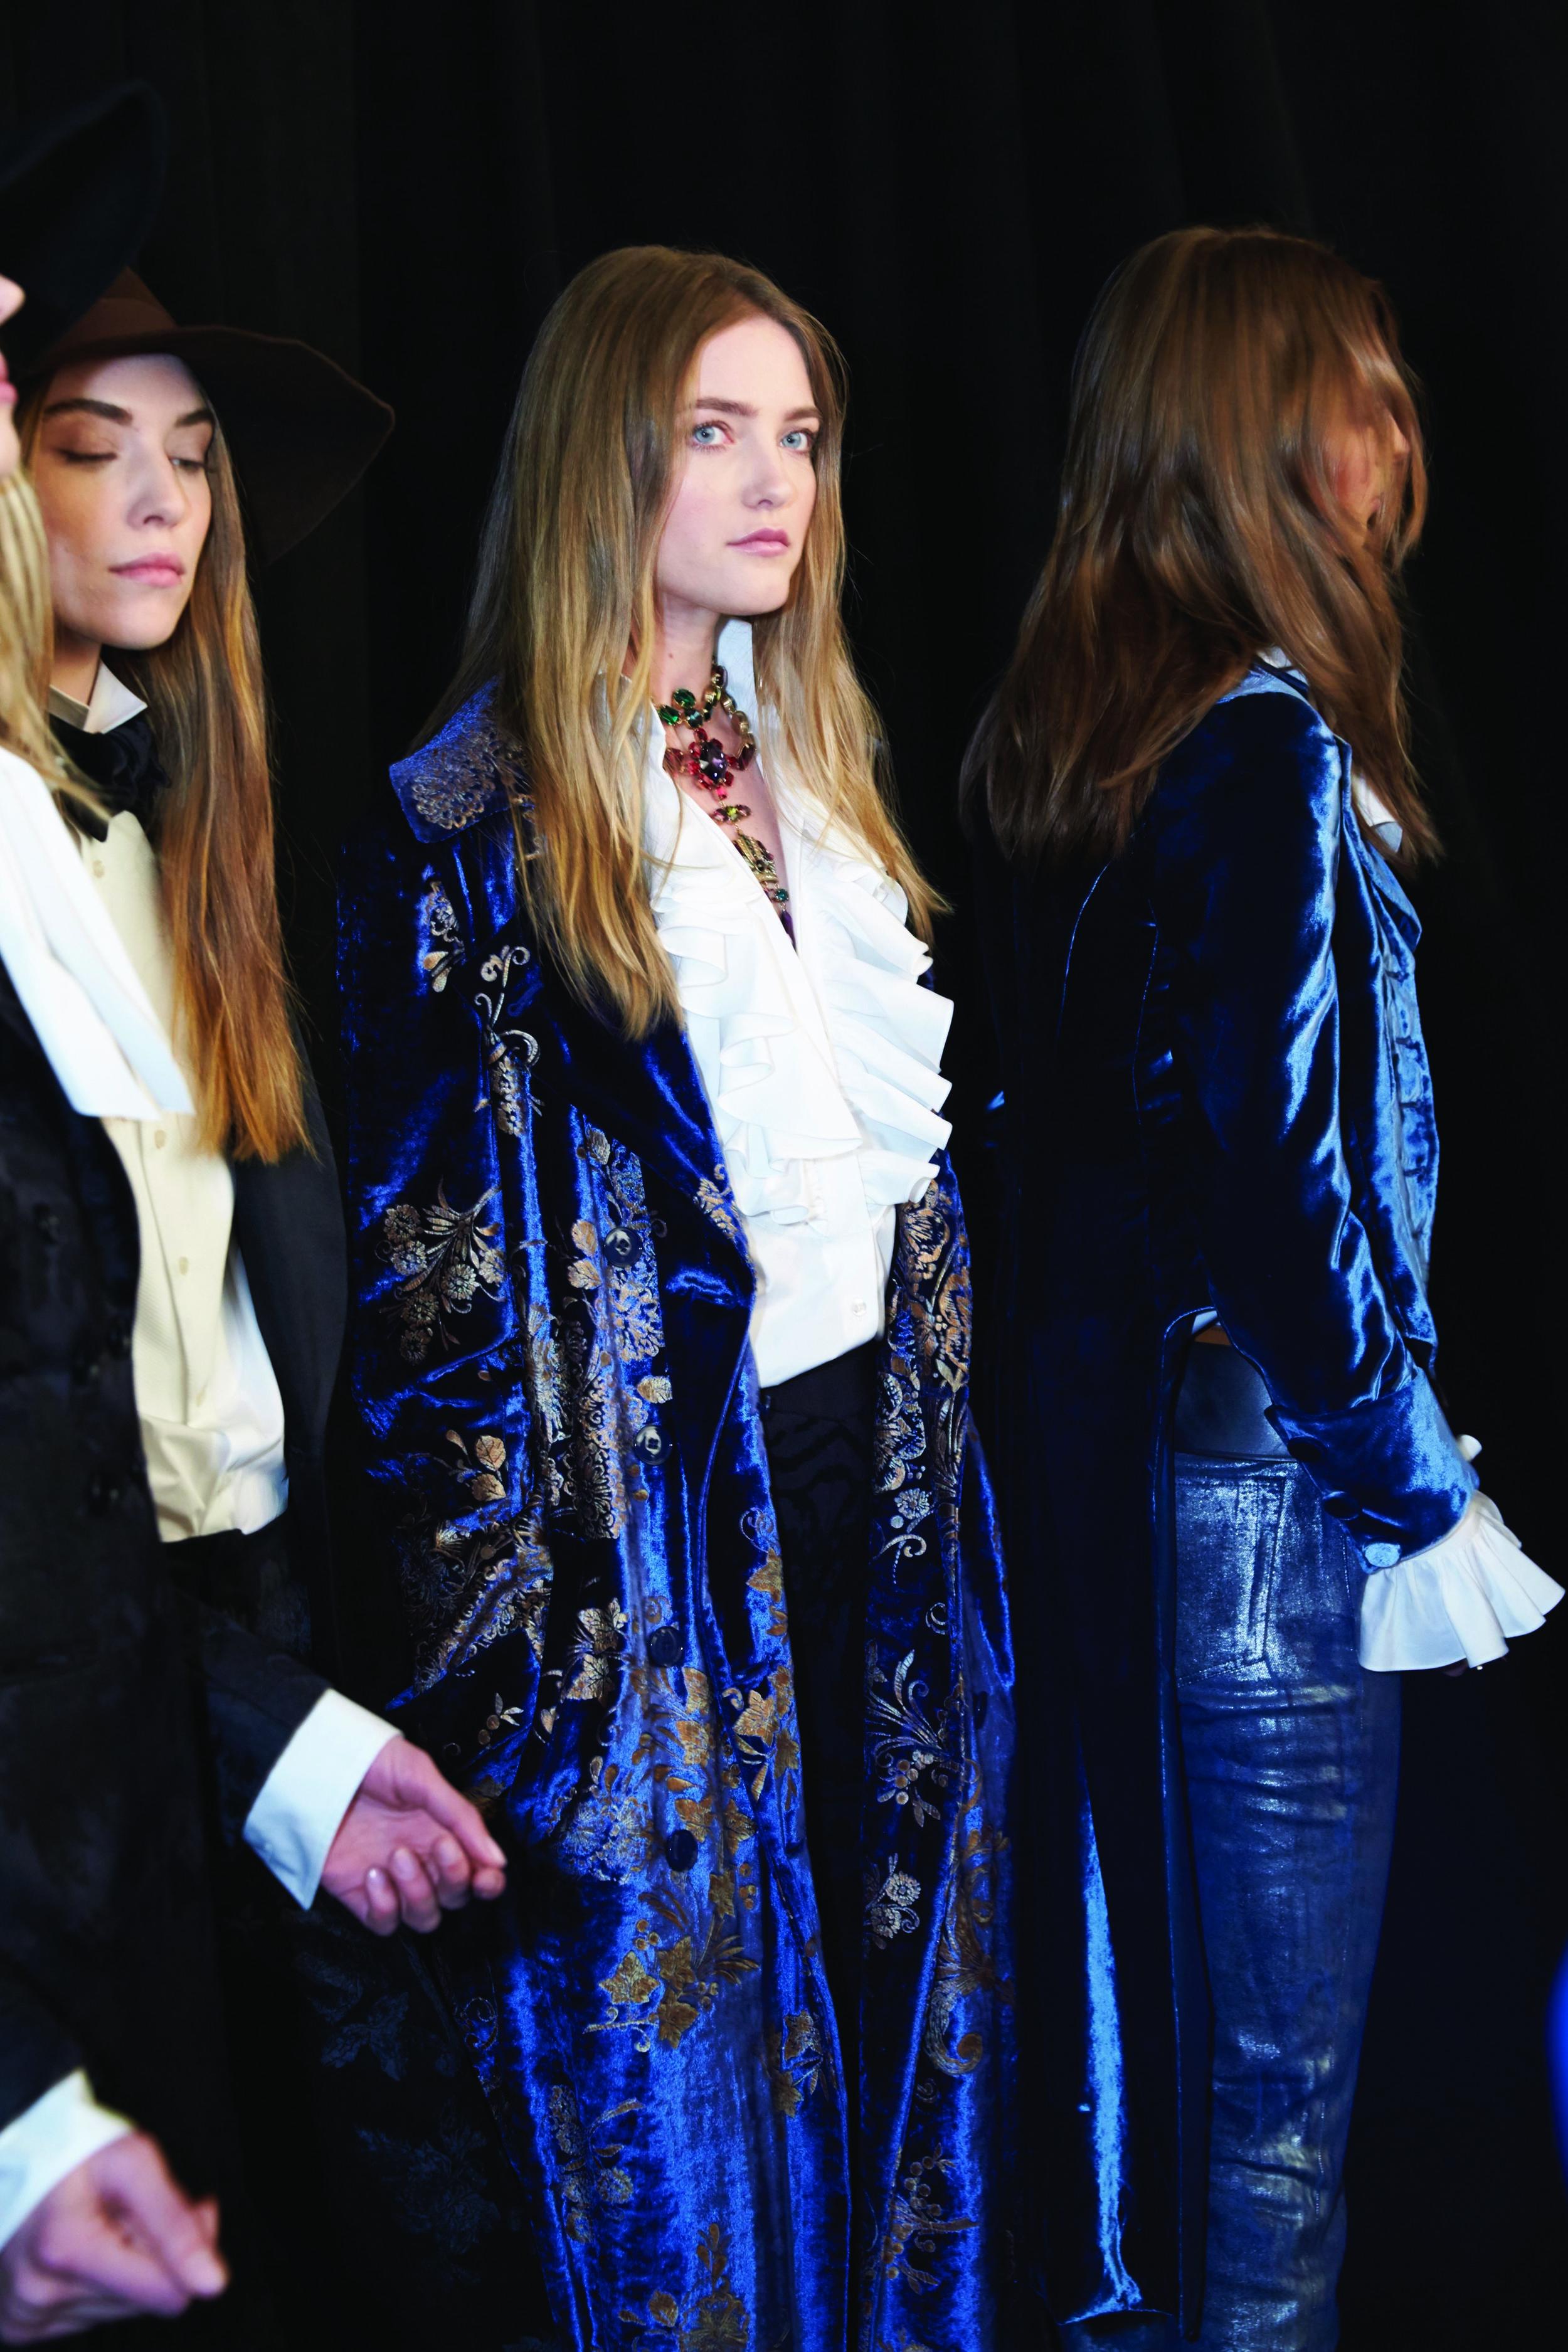 Blue... royal blue with all that victorian air. LOVE IT // Aire victoriano, azules, vinos y colores sobrios... ¿no les encanta este saco largo?